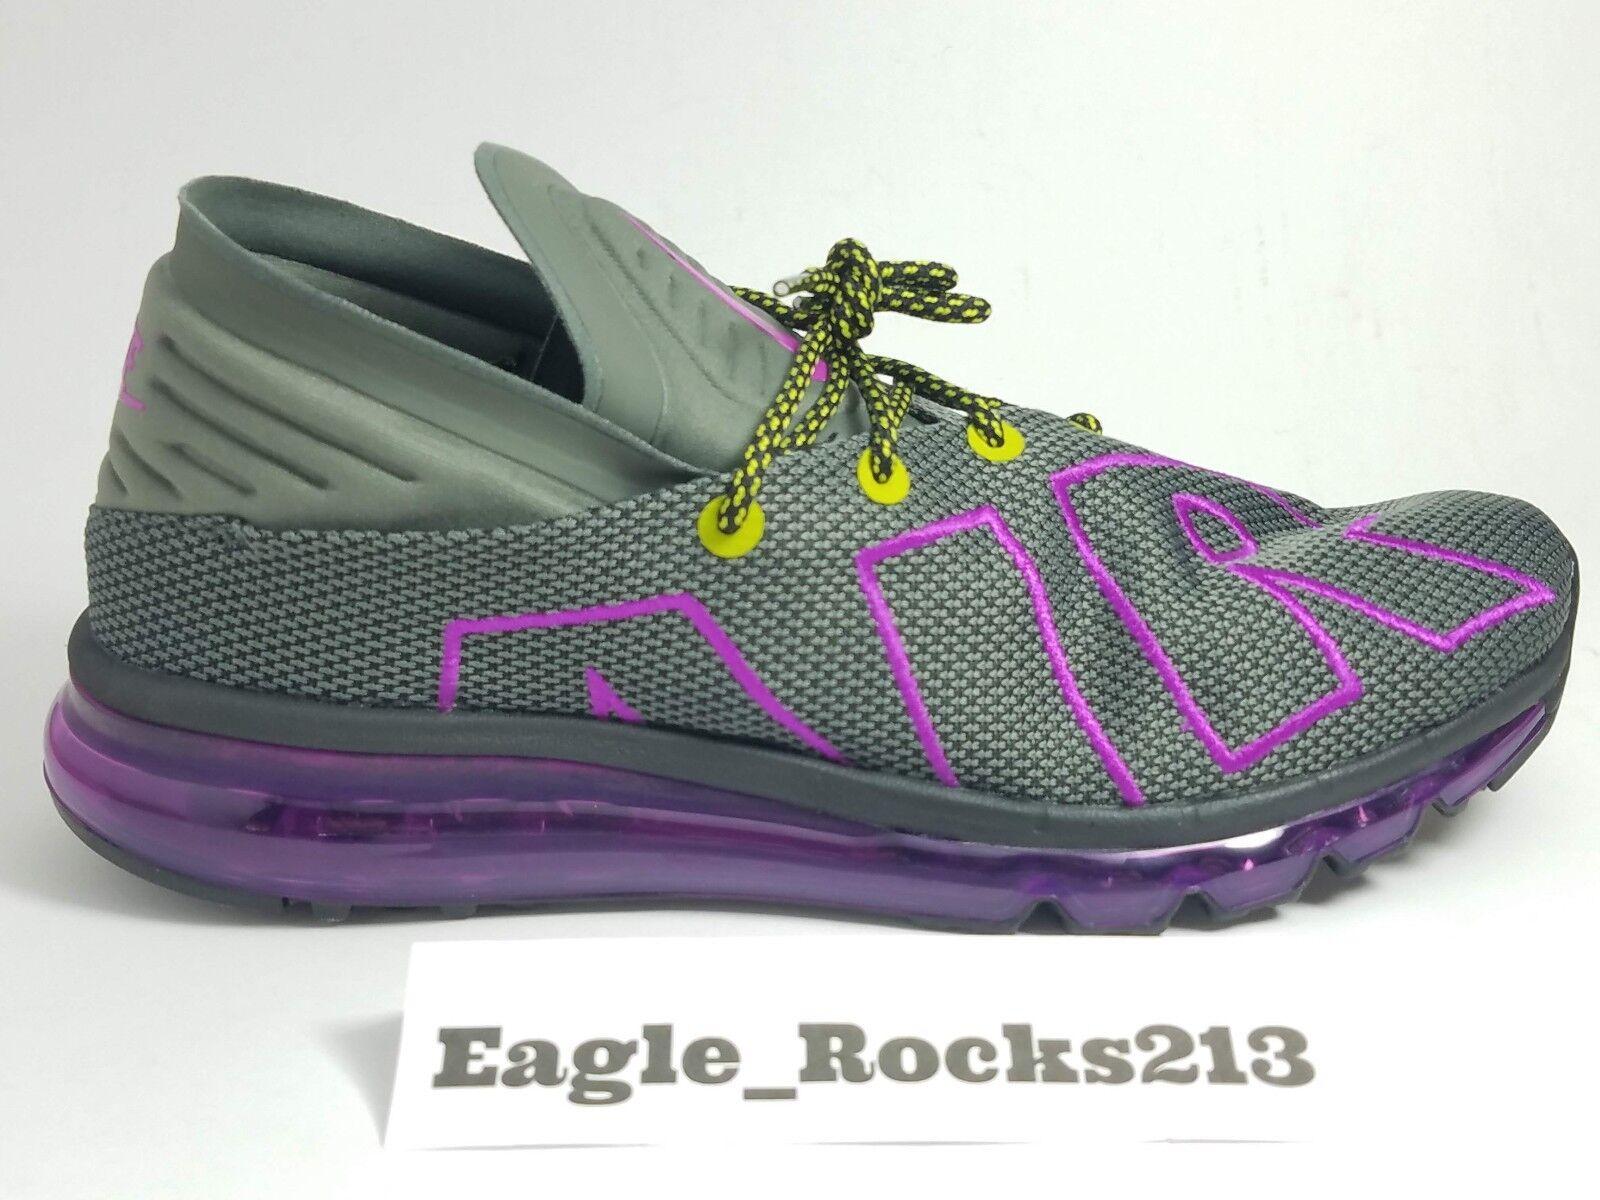 Nuove nike air max stile ritmato gray viola volt di scarpe da corsa, sz 11 ah9711 001